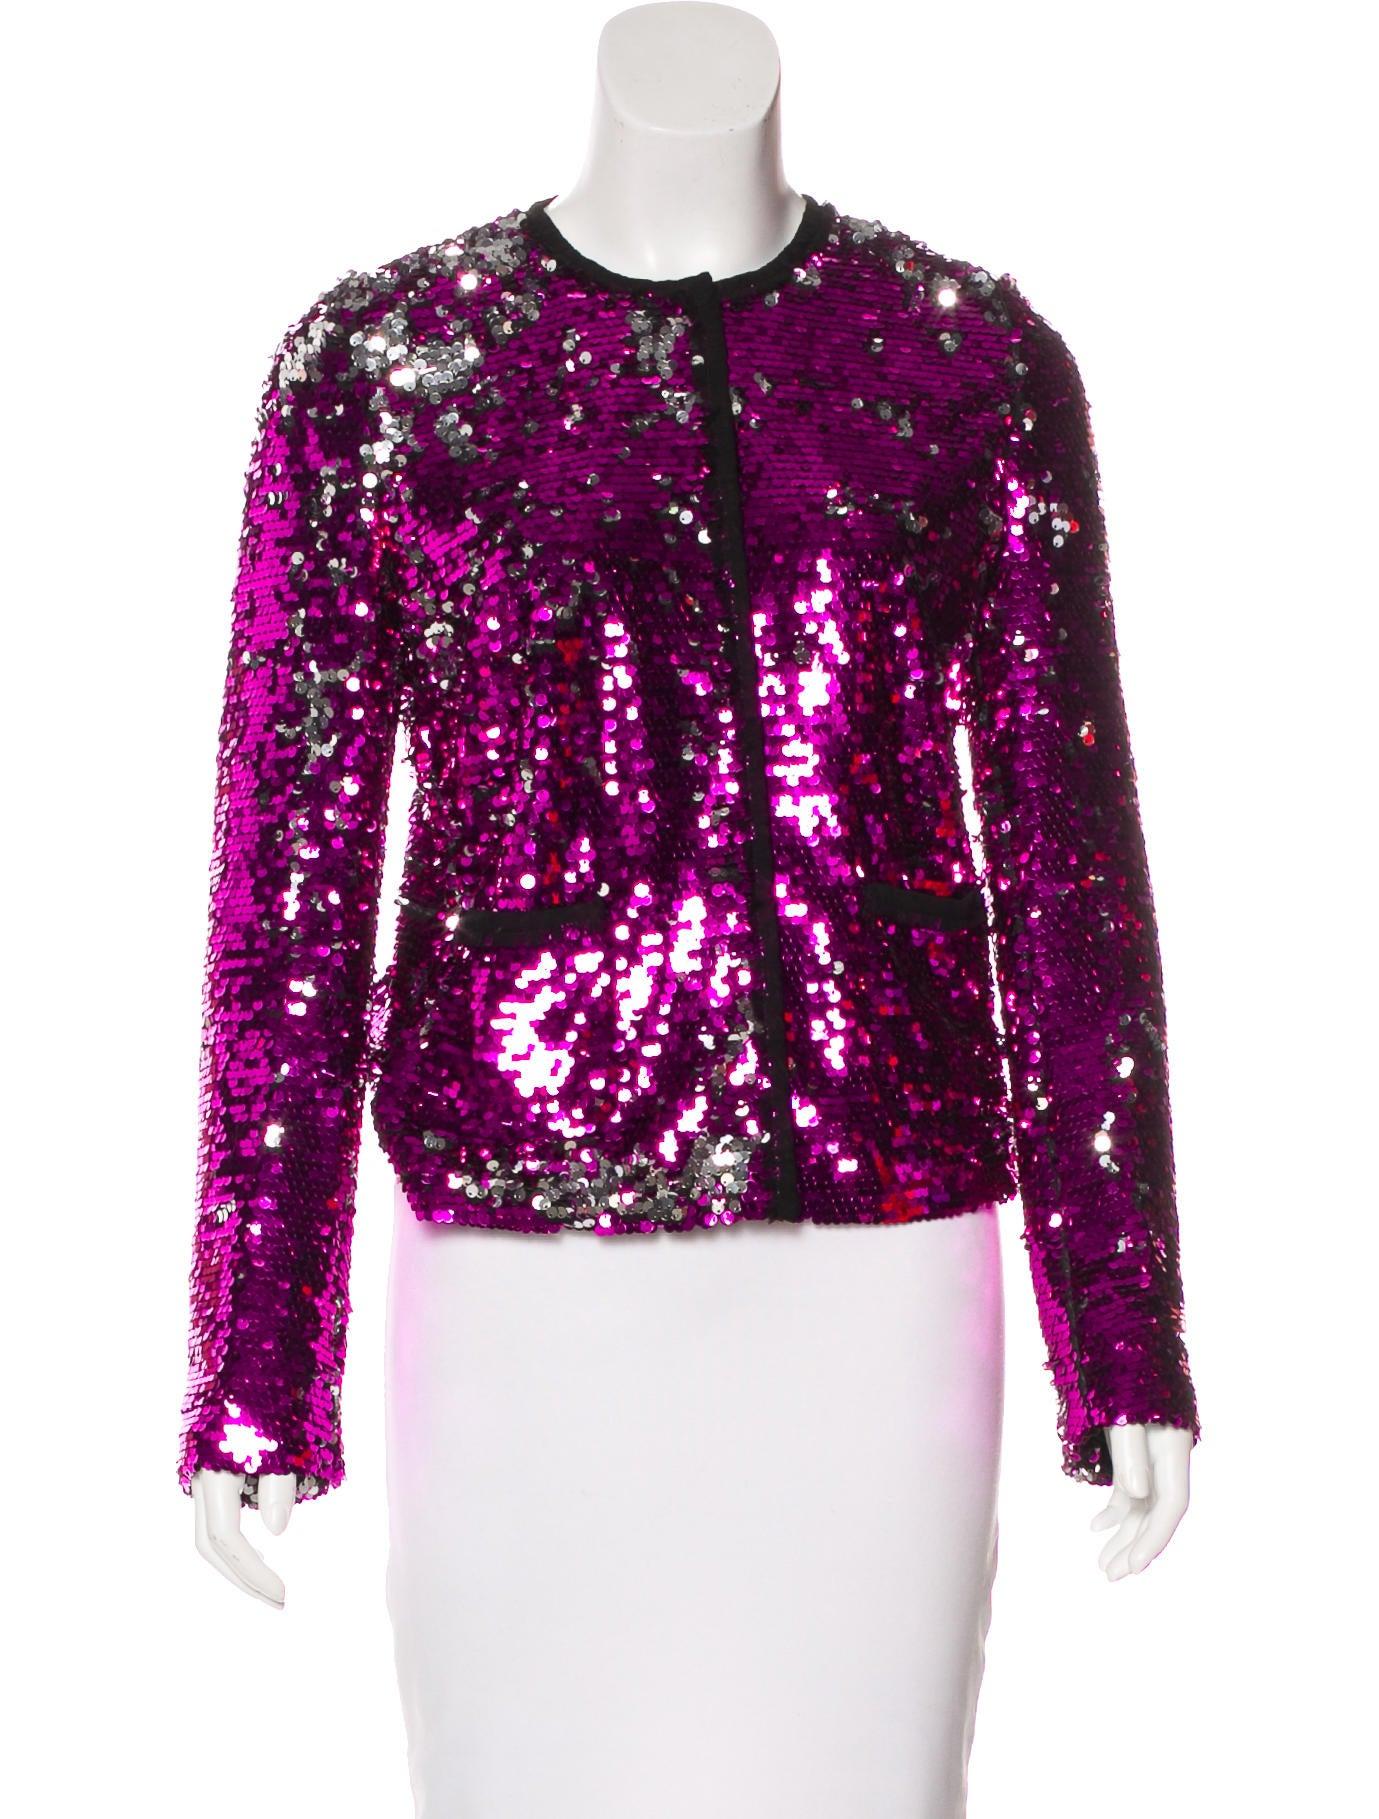 dolce gabbana sequin embellished jacket clothing dag93289 the realreal. Black Bedroom Furniture Sets. Home Design Ideas